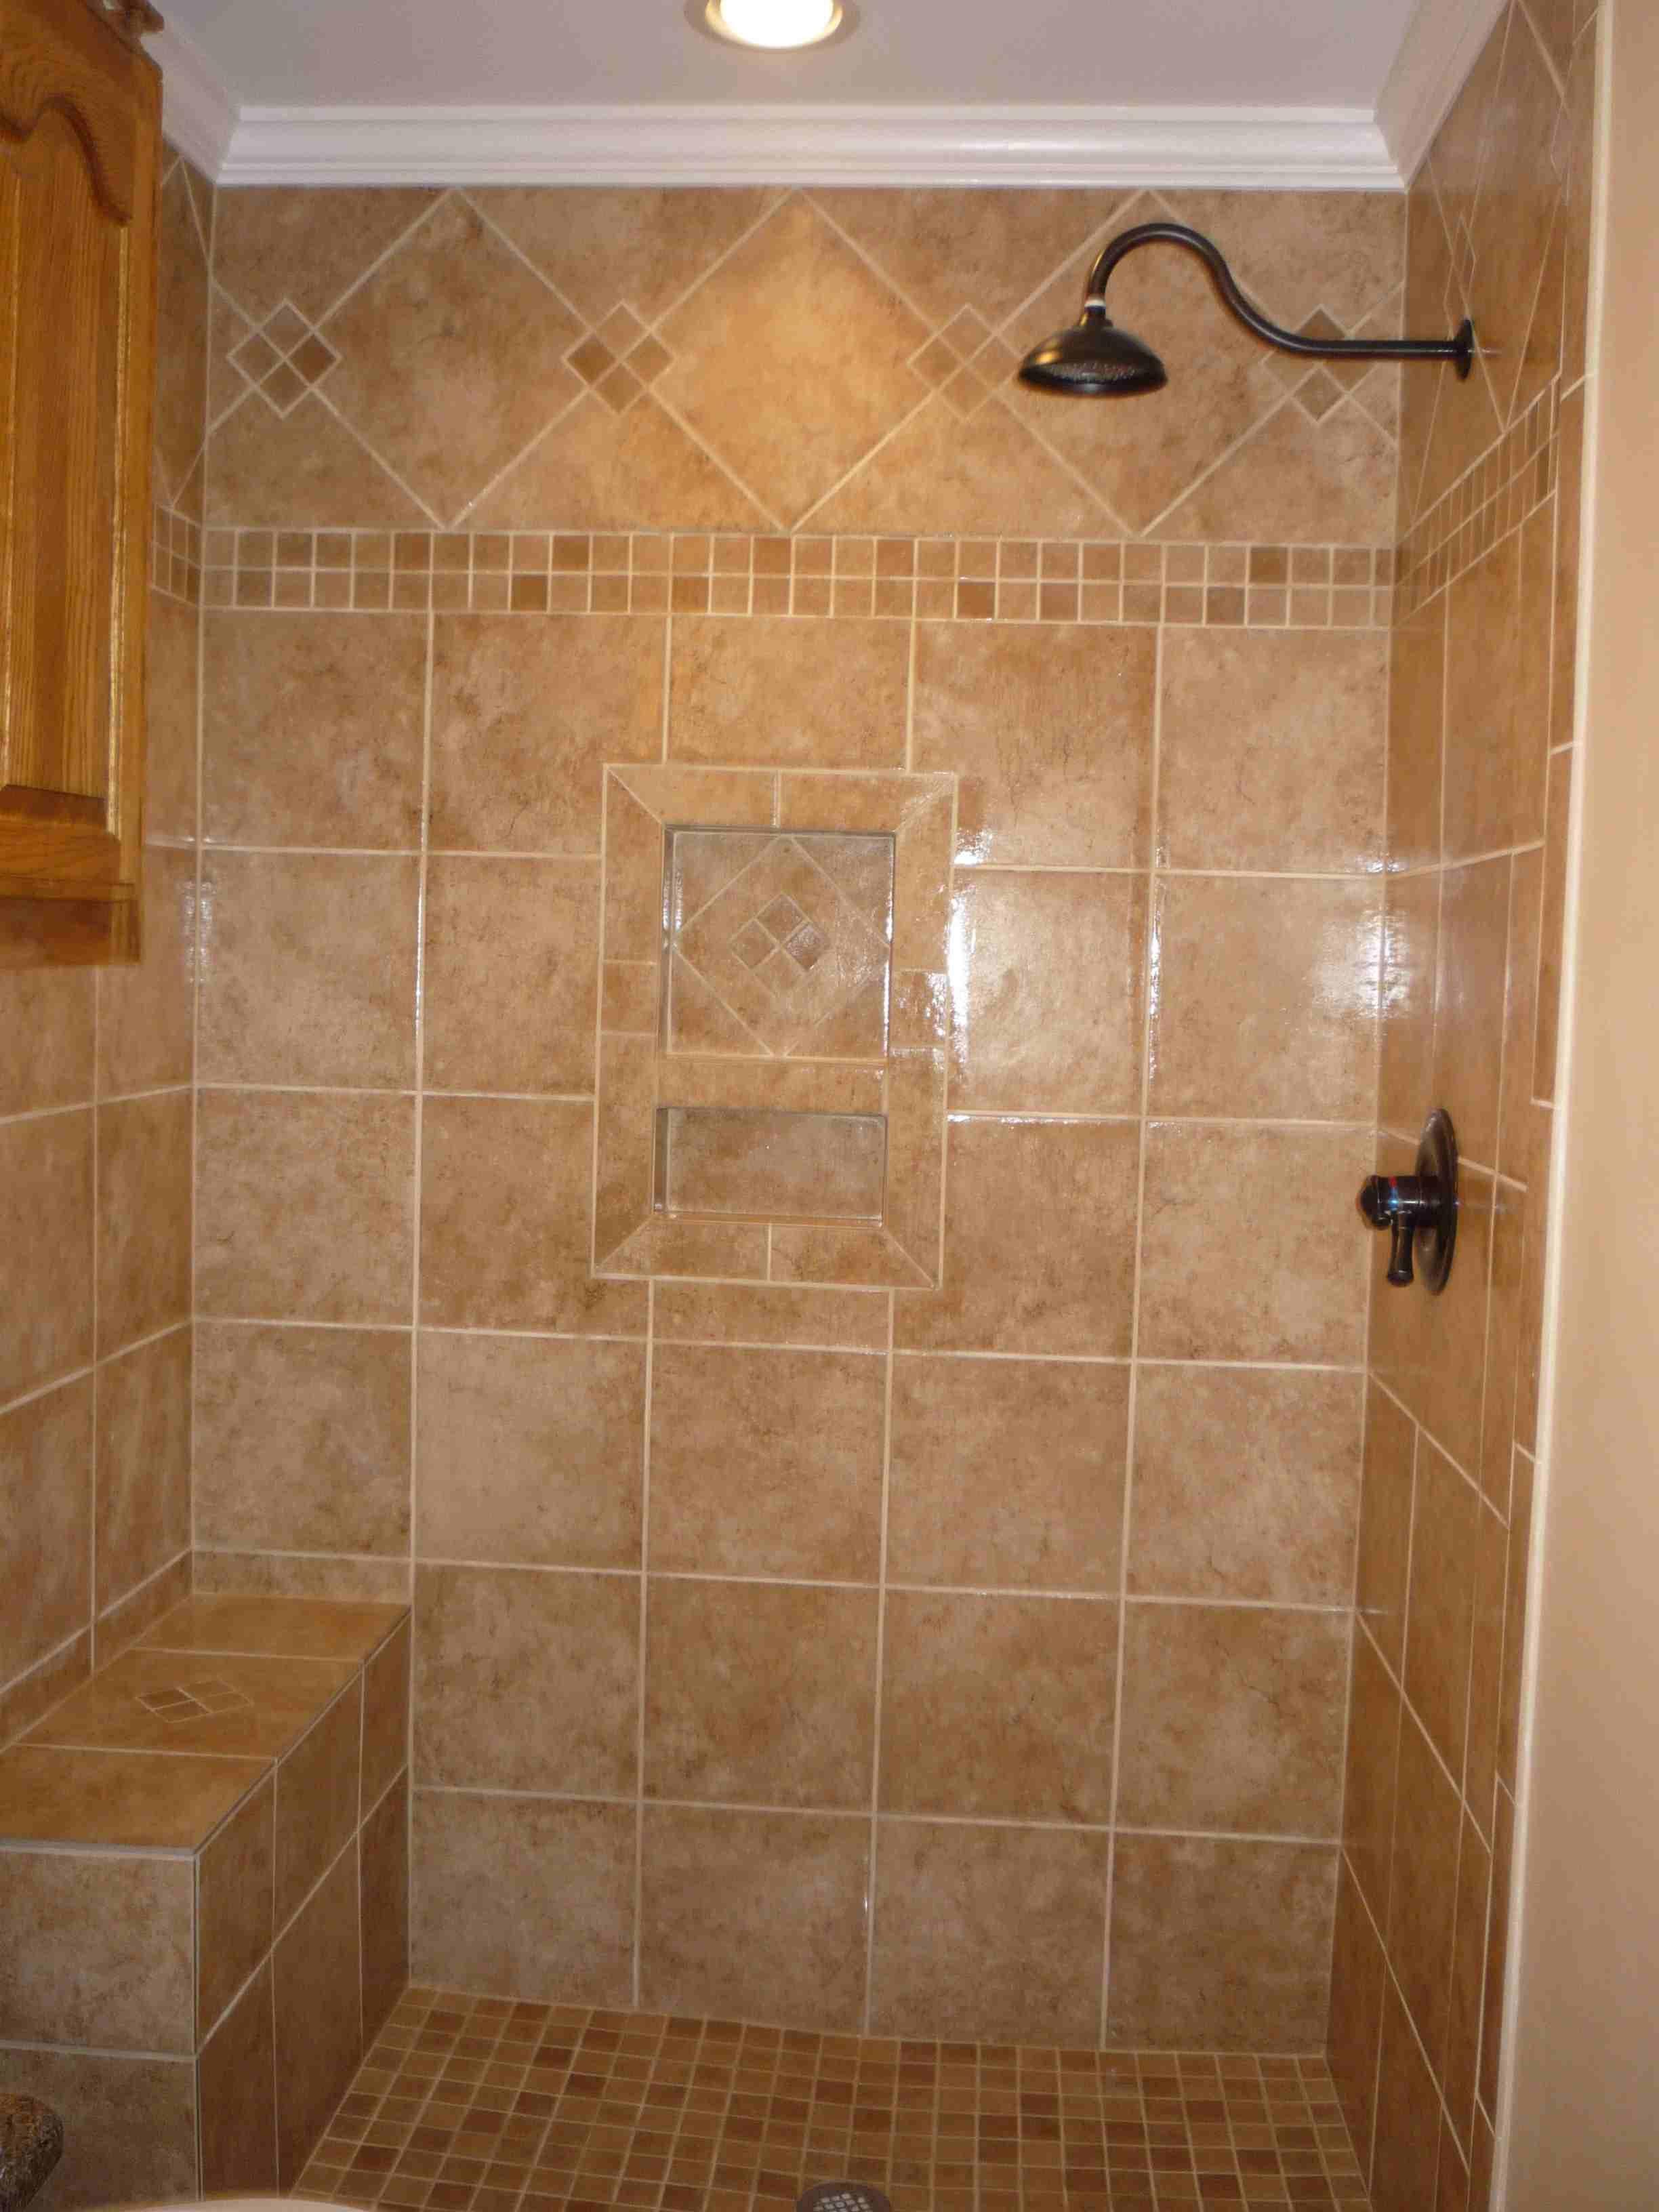 Bath Remodeling Ideas Shower bathroom remodeling ideas on a budget | bathroom-designs-bathroom